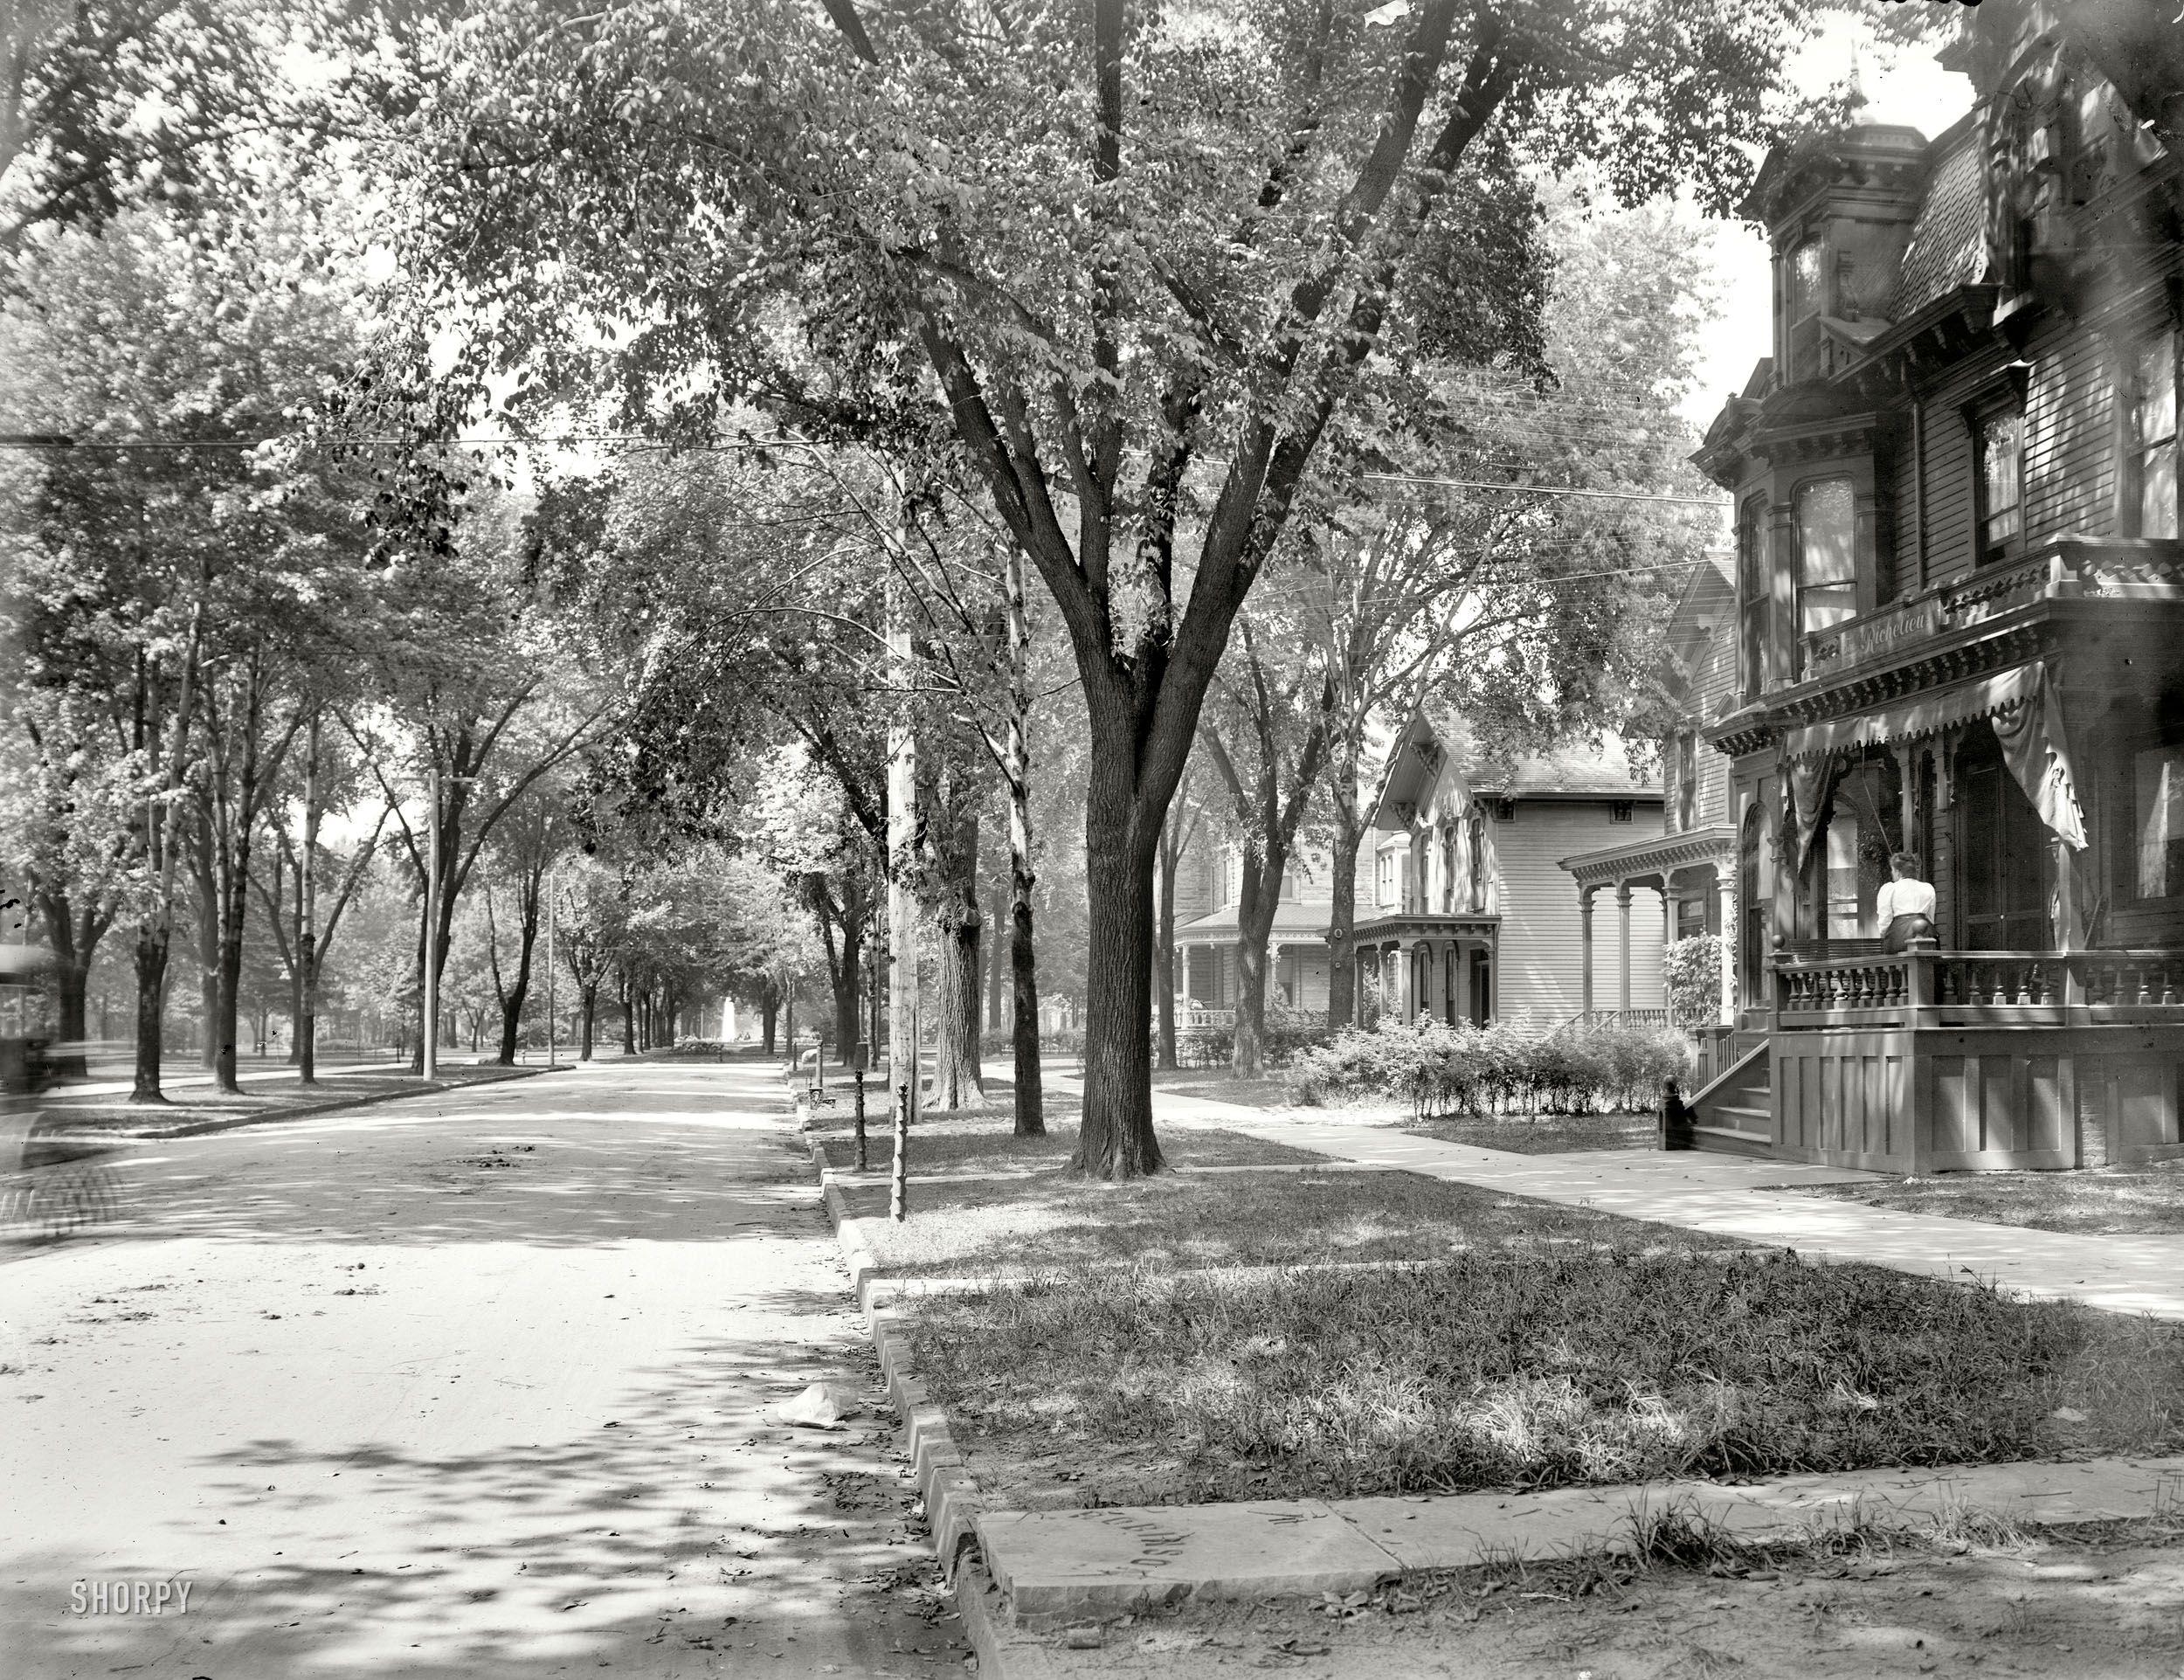 (c. 1900) Detroit, Michigan